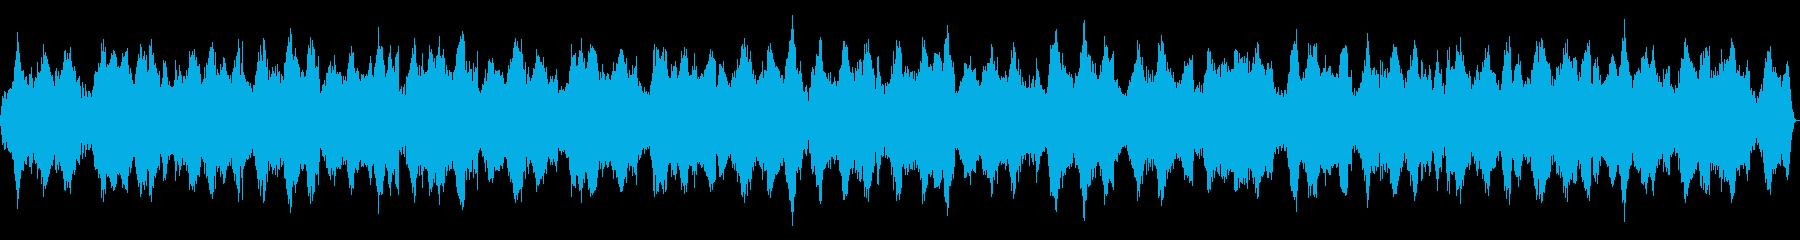 長めの幻想的なヒーリング・フィーリングの再生済みの波形